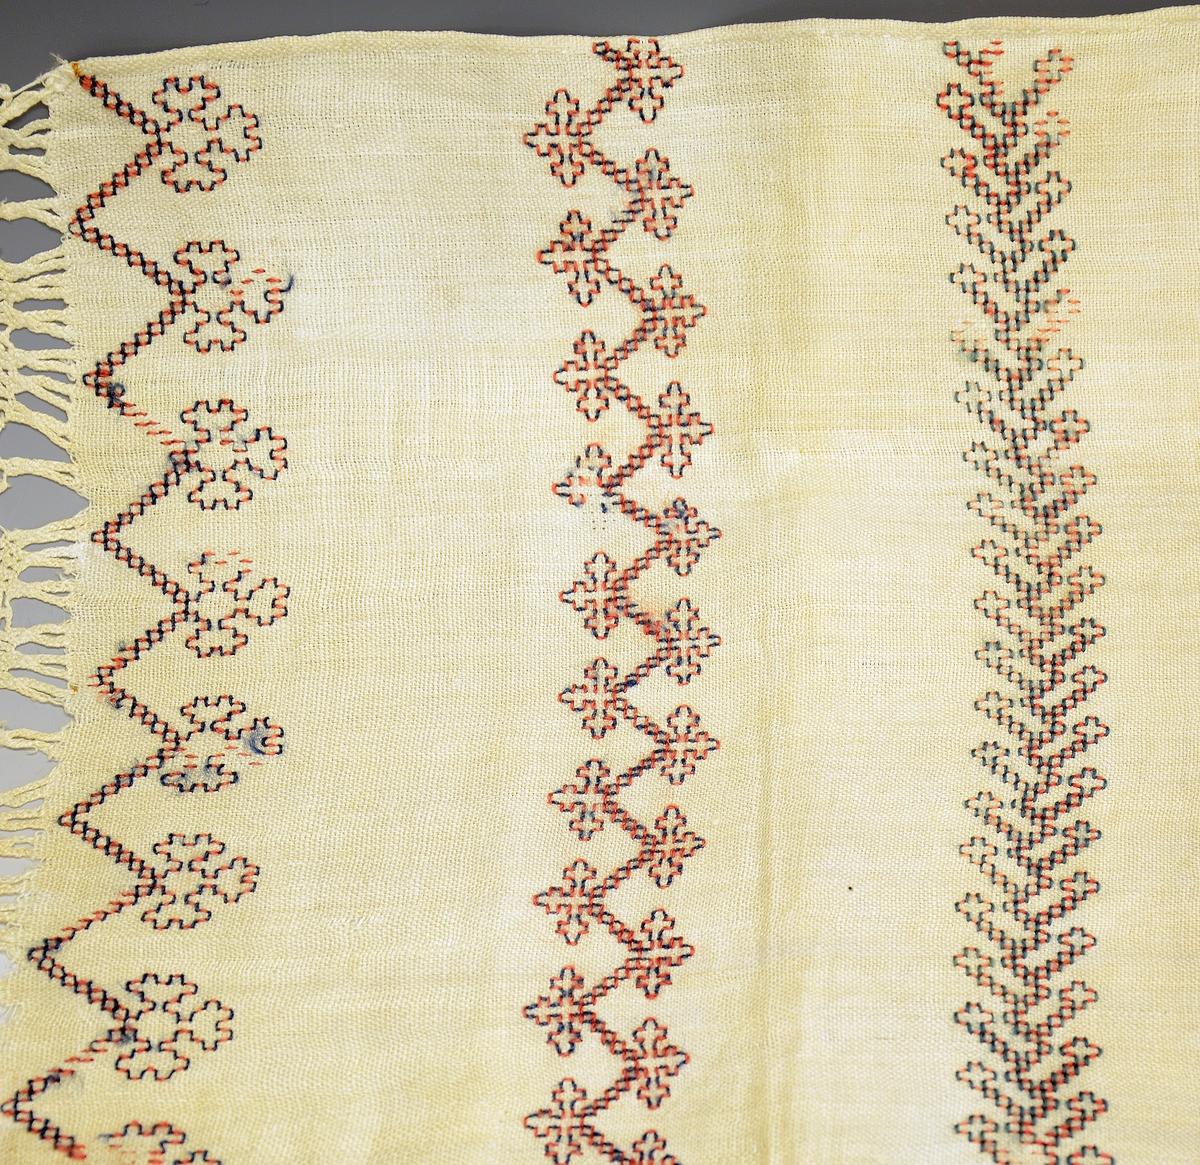 Kisteklede. Fra protokollen: Likkisteklæde. Hvitt linklæde med et stort kors syet midt paa. I hver ende av klæde to border, og en knyttet fletning (som paa haandklæder). Korset er fyldt med krokmønster av av kulørt uldsøm, samme mønster i borden.